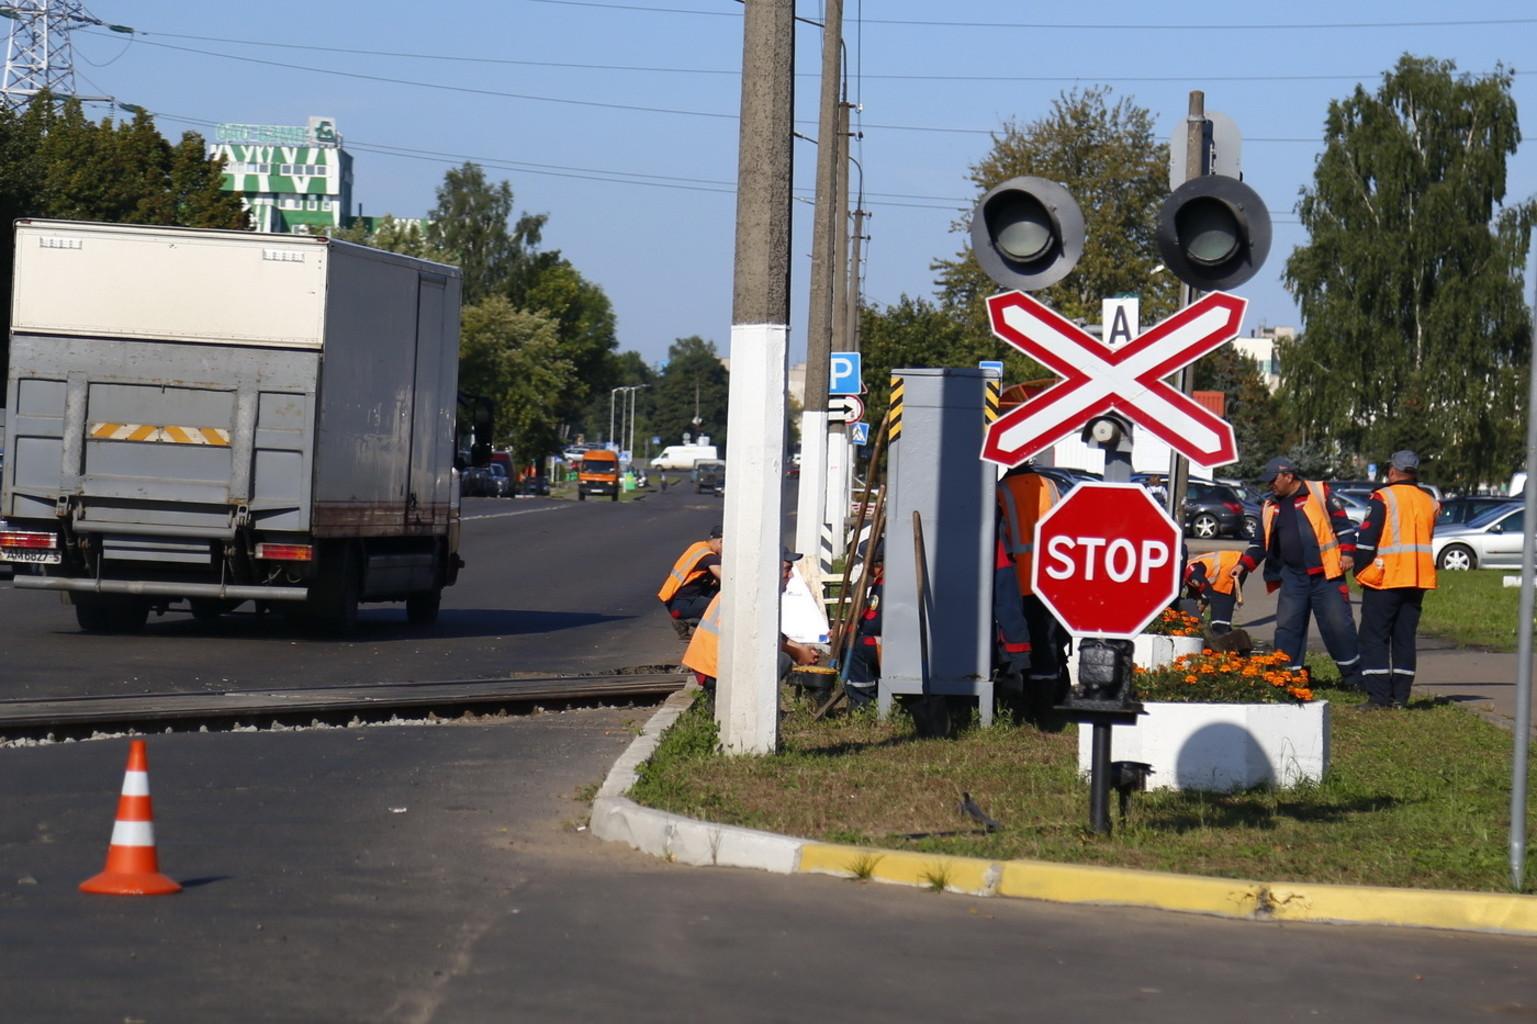 нужно фотографии дорожных знаков высокого качества обратном